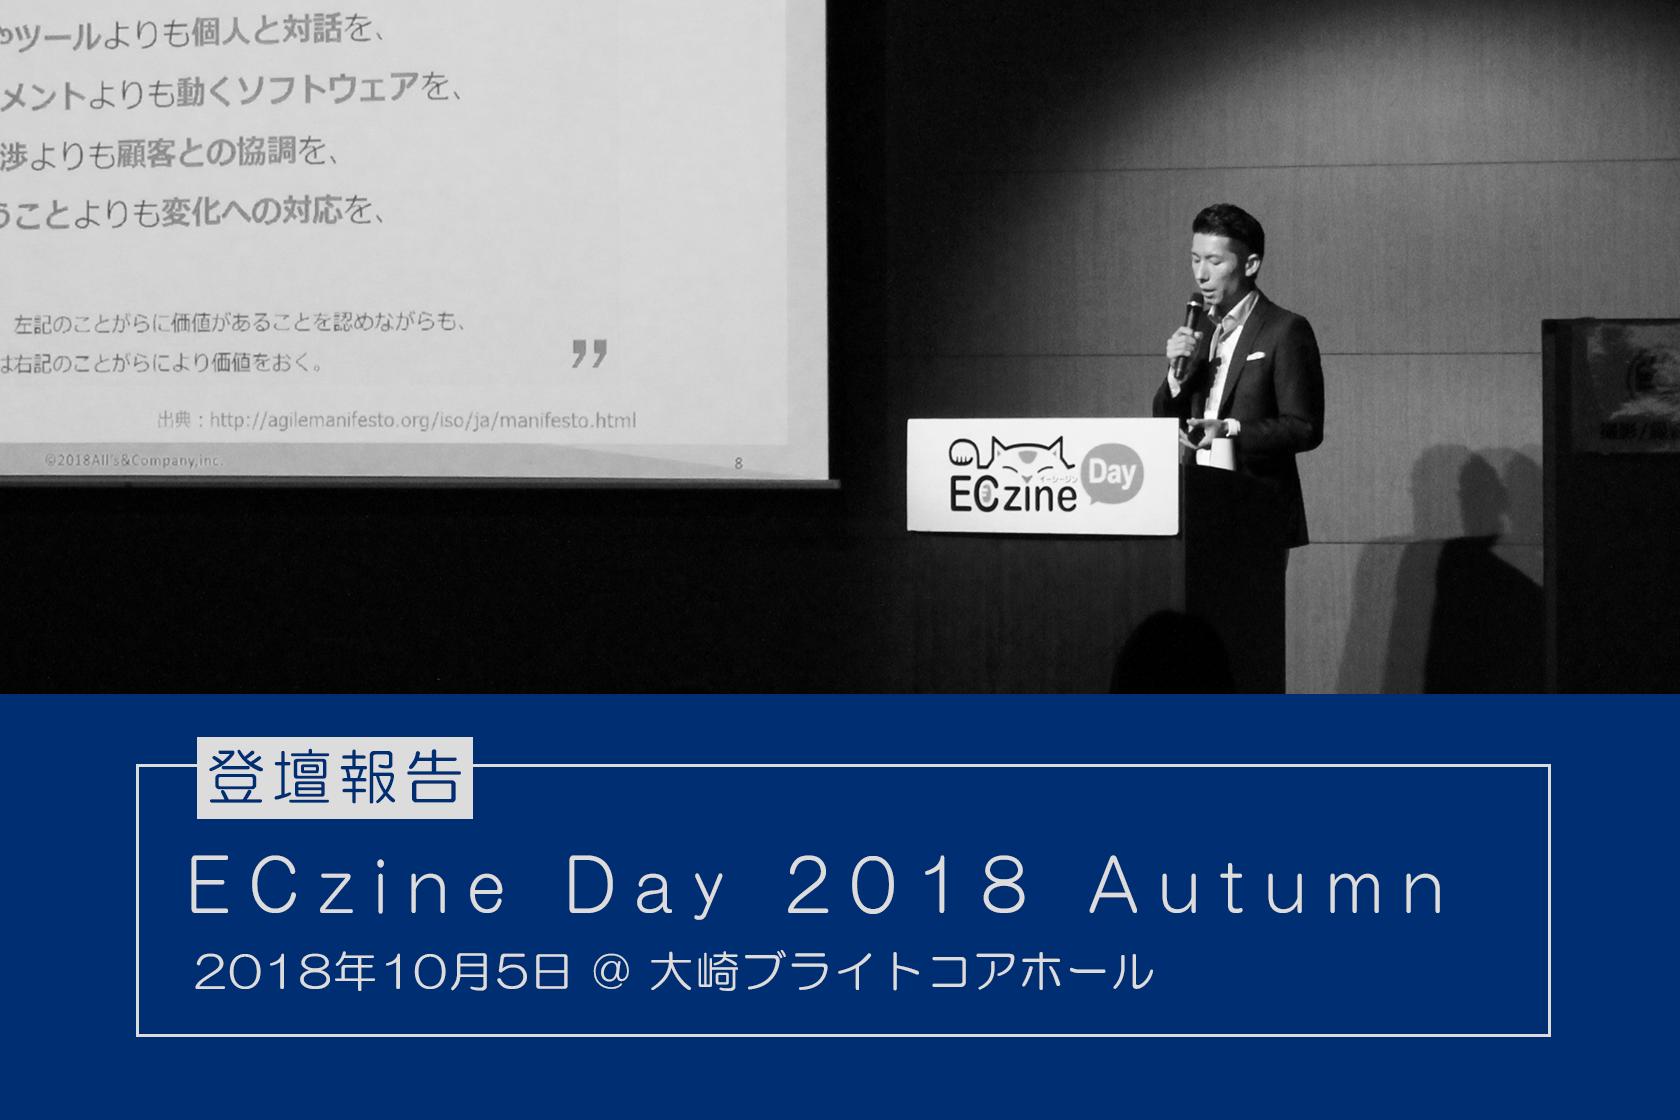 『ECzine Day 2018 Autumn』に登壇しました